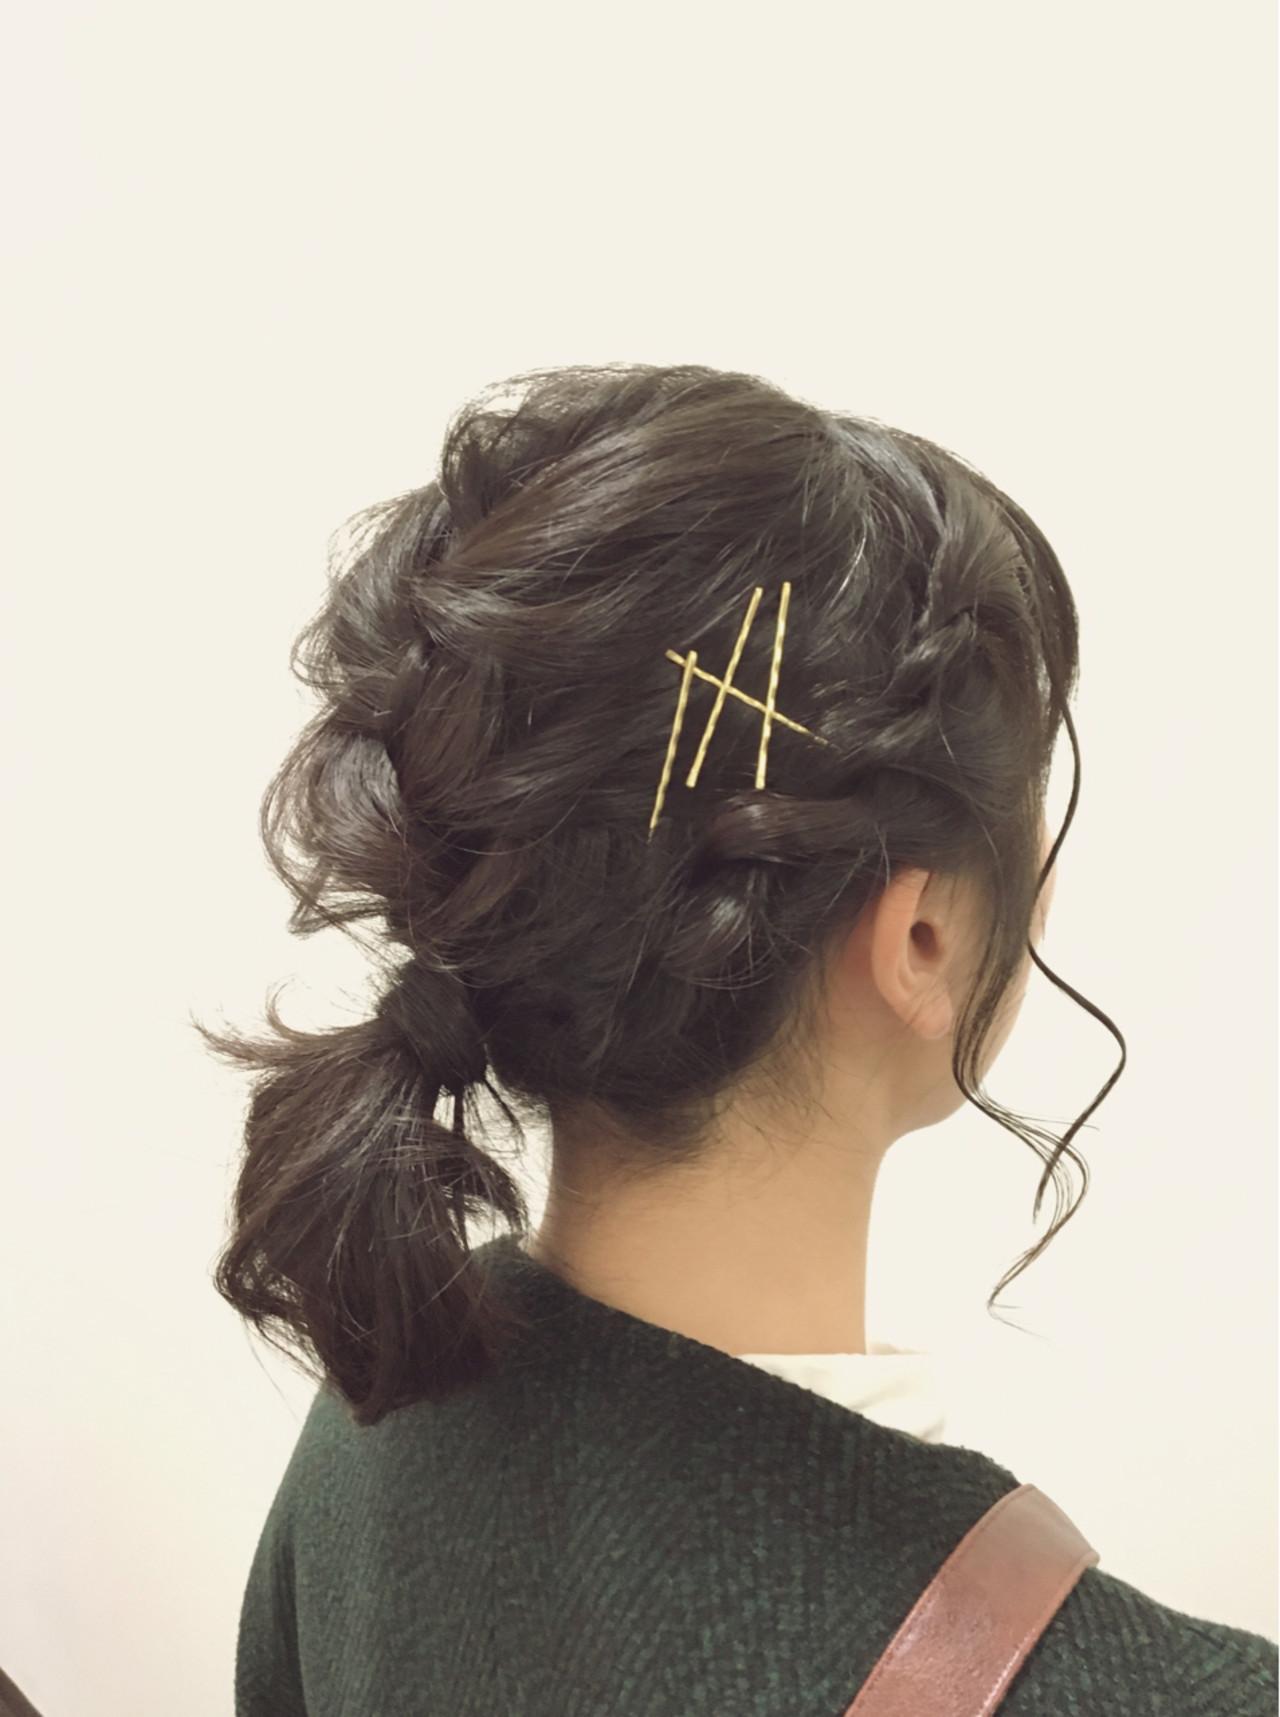 ヘアアクセ ショート ヘアピン 黒髪 ヘアスタイルや髪型の写真・画像